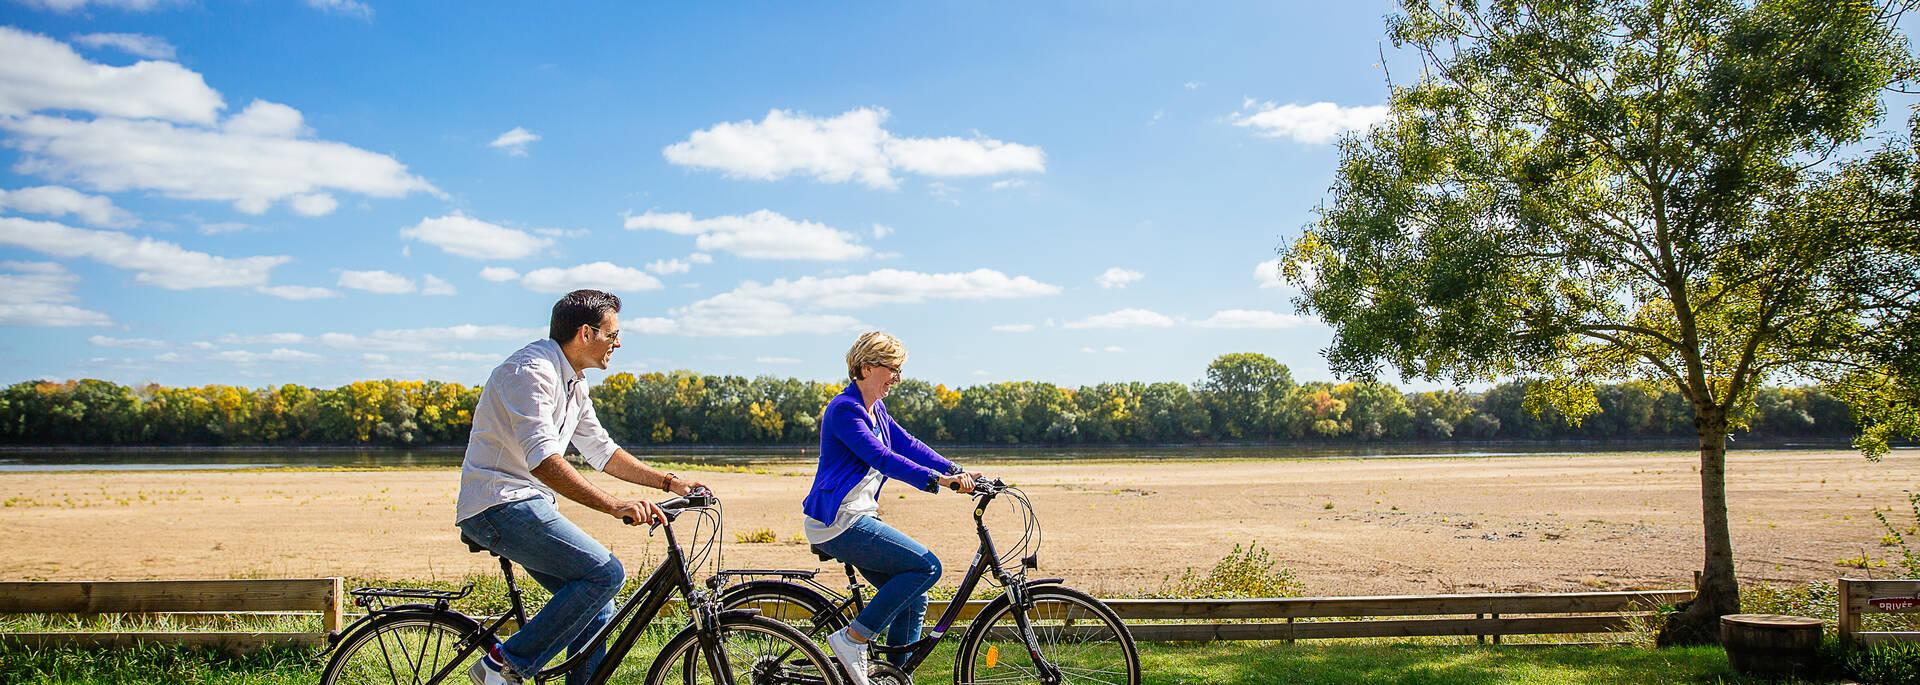 Itinerarios y circuitos para bicicletas en angerss © les conteurs